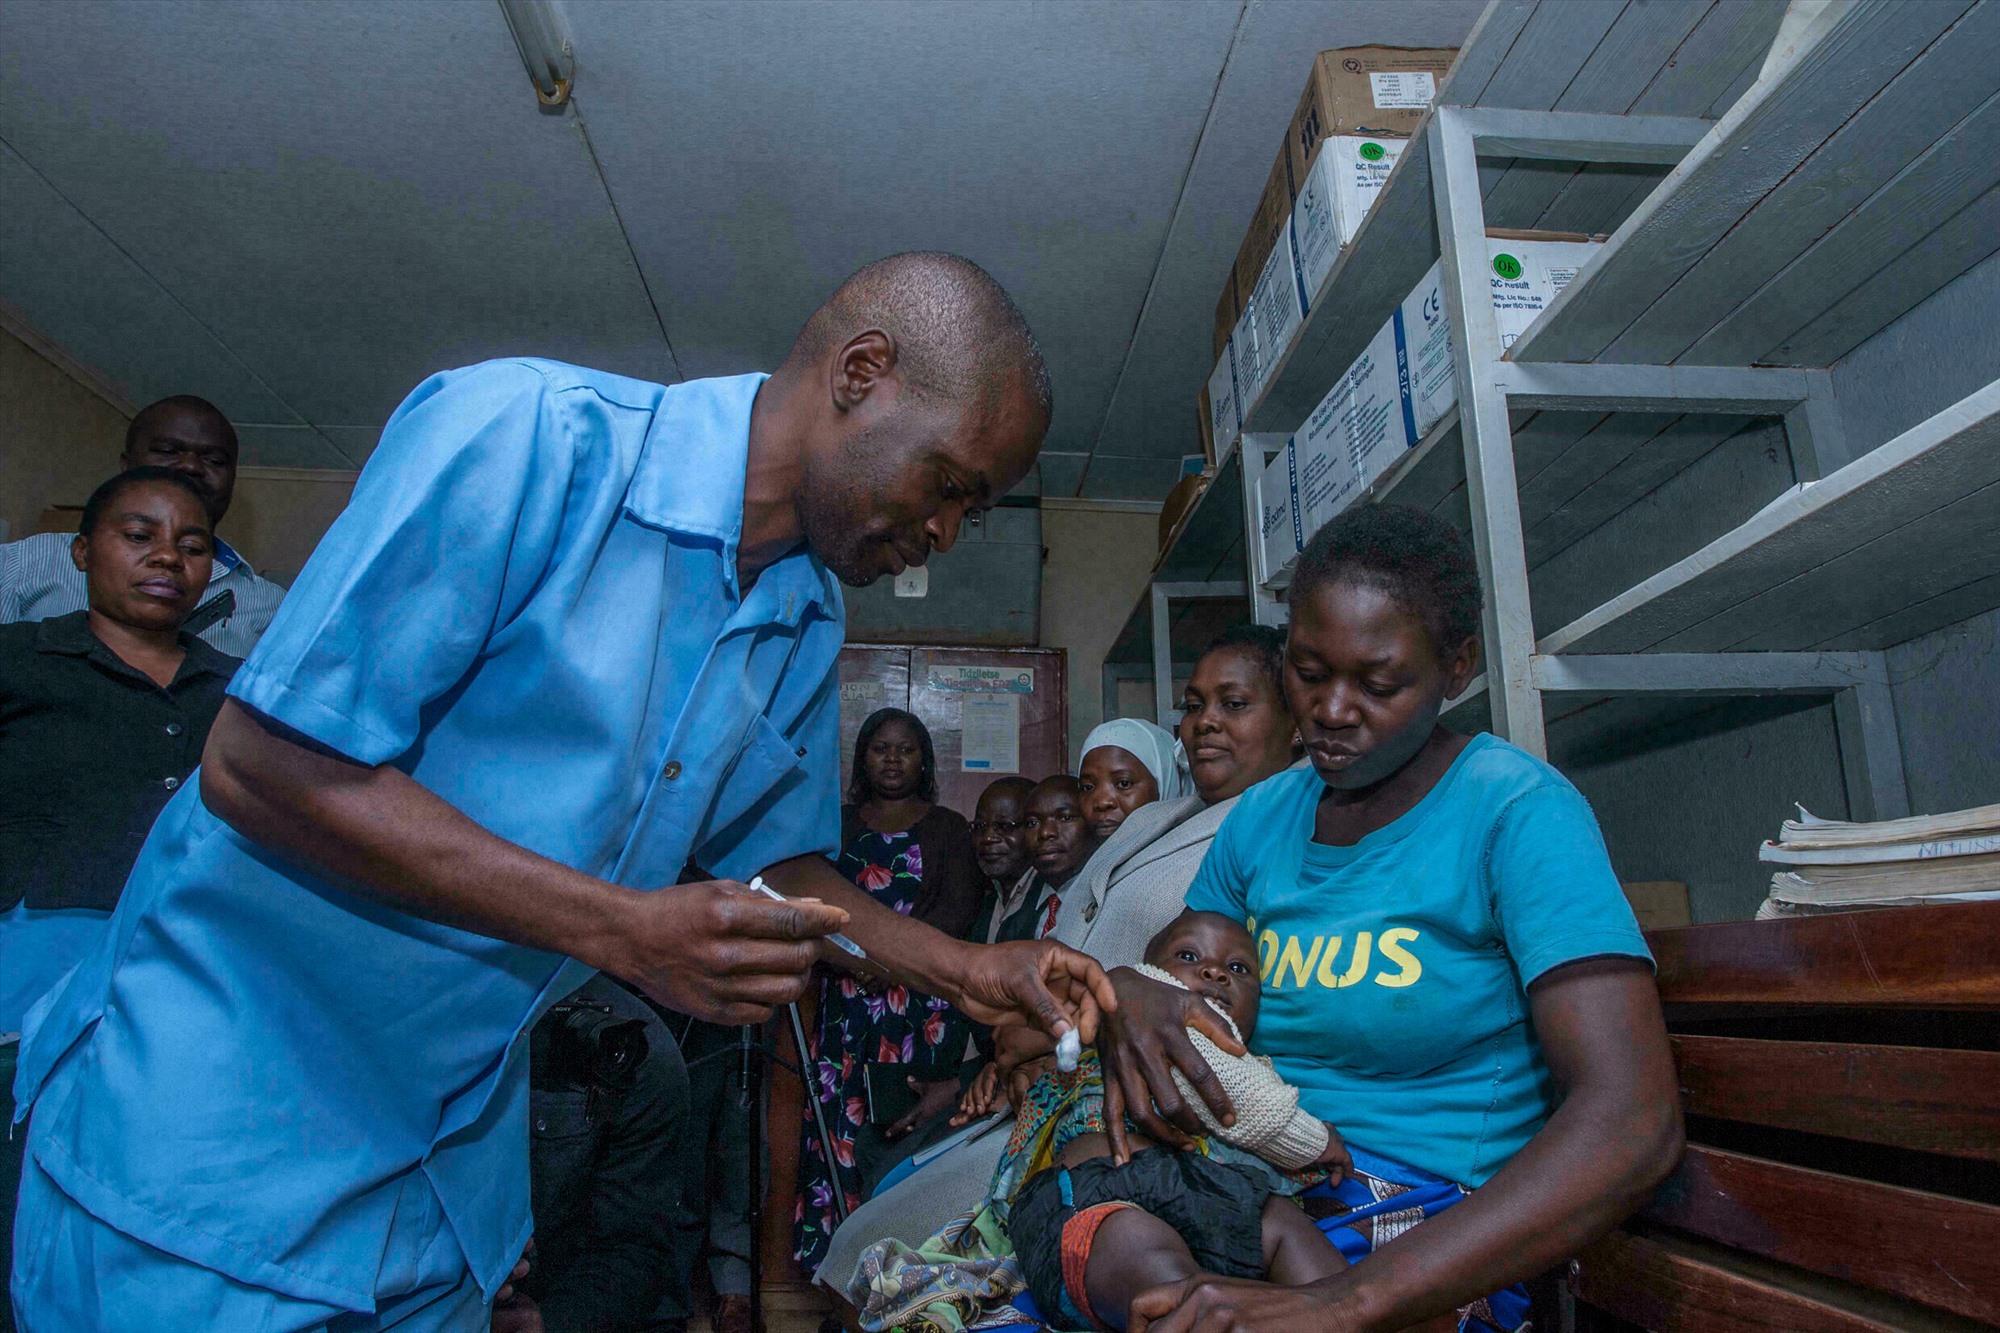 Một nhân viên y tế tiêm vắc-xin Sốt rét cho một đứa trẻ ở Lilongwe, Malawi